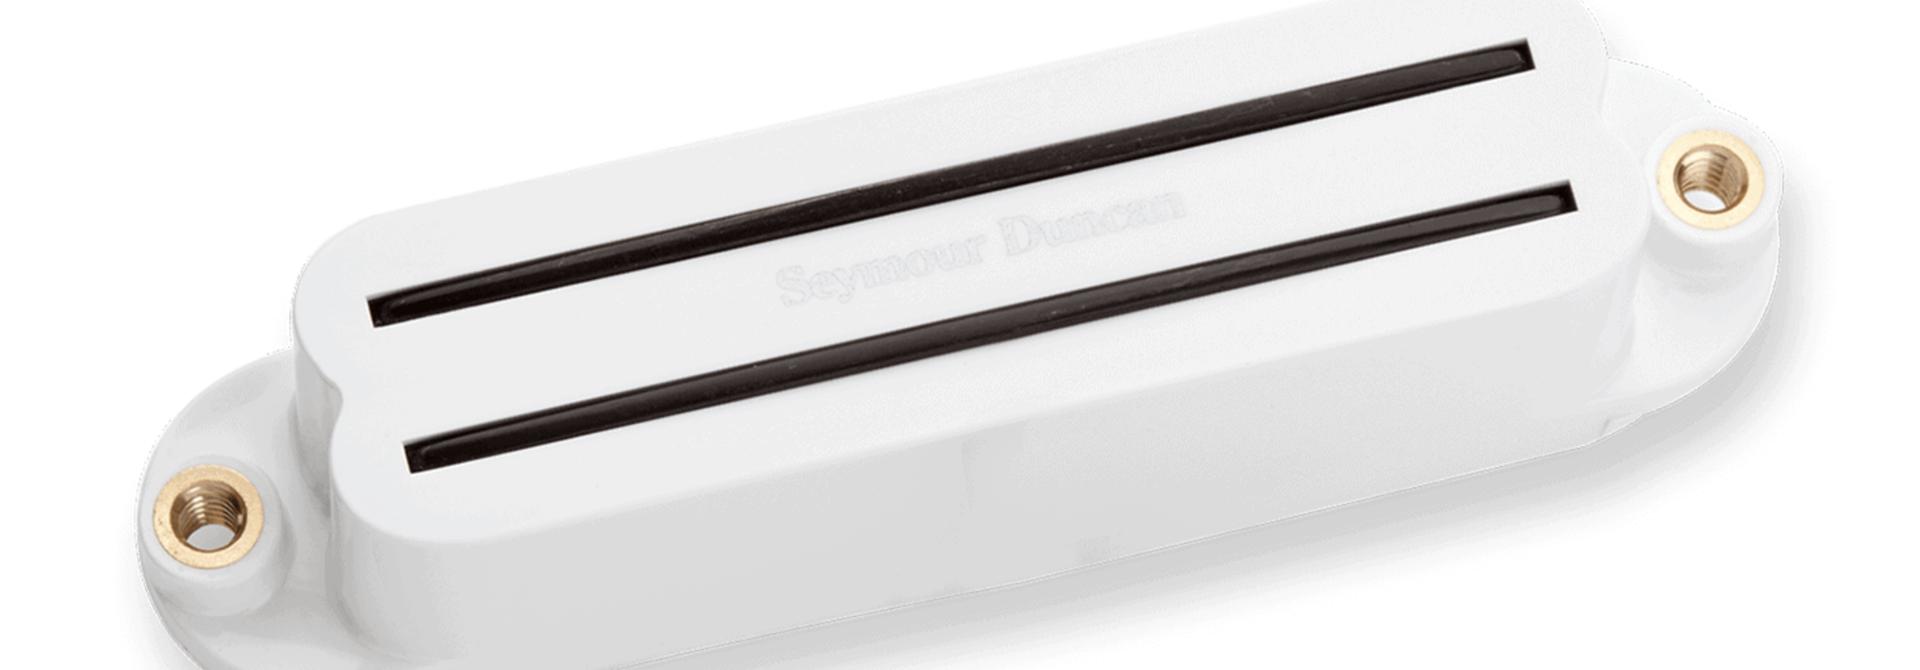 Seymour Duncan Hot Rails for Strat White SHR-1b Bridge